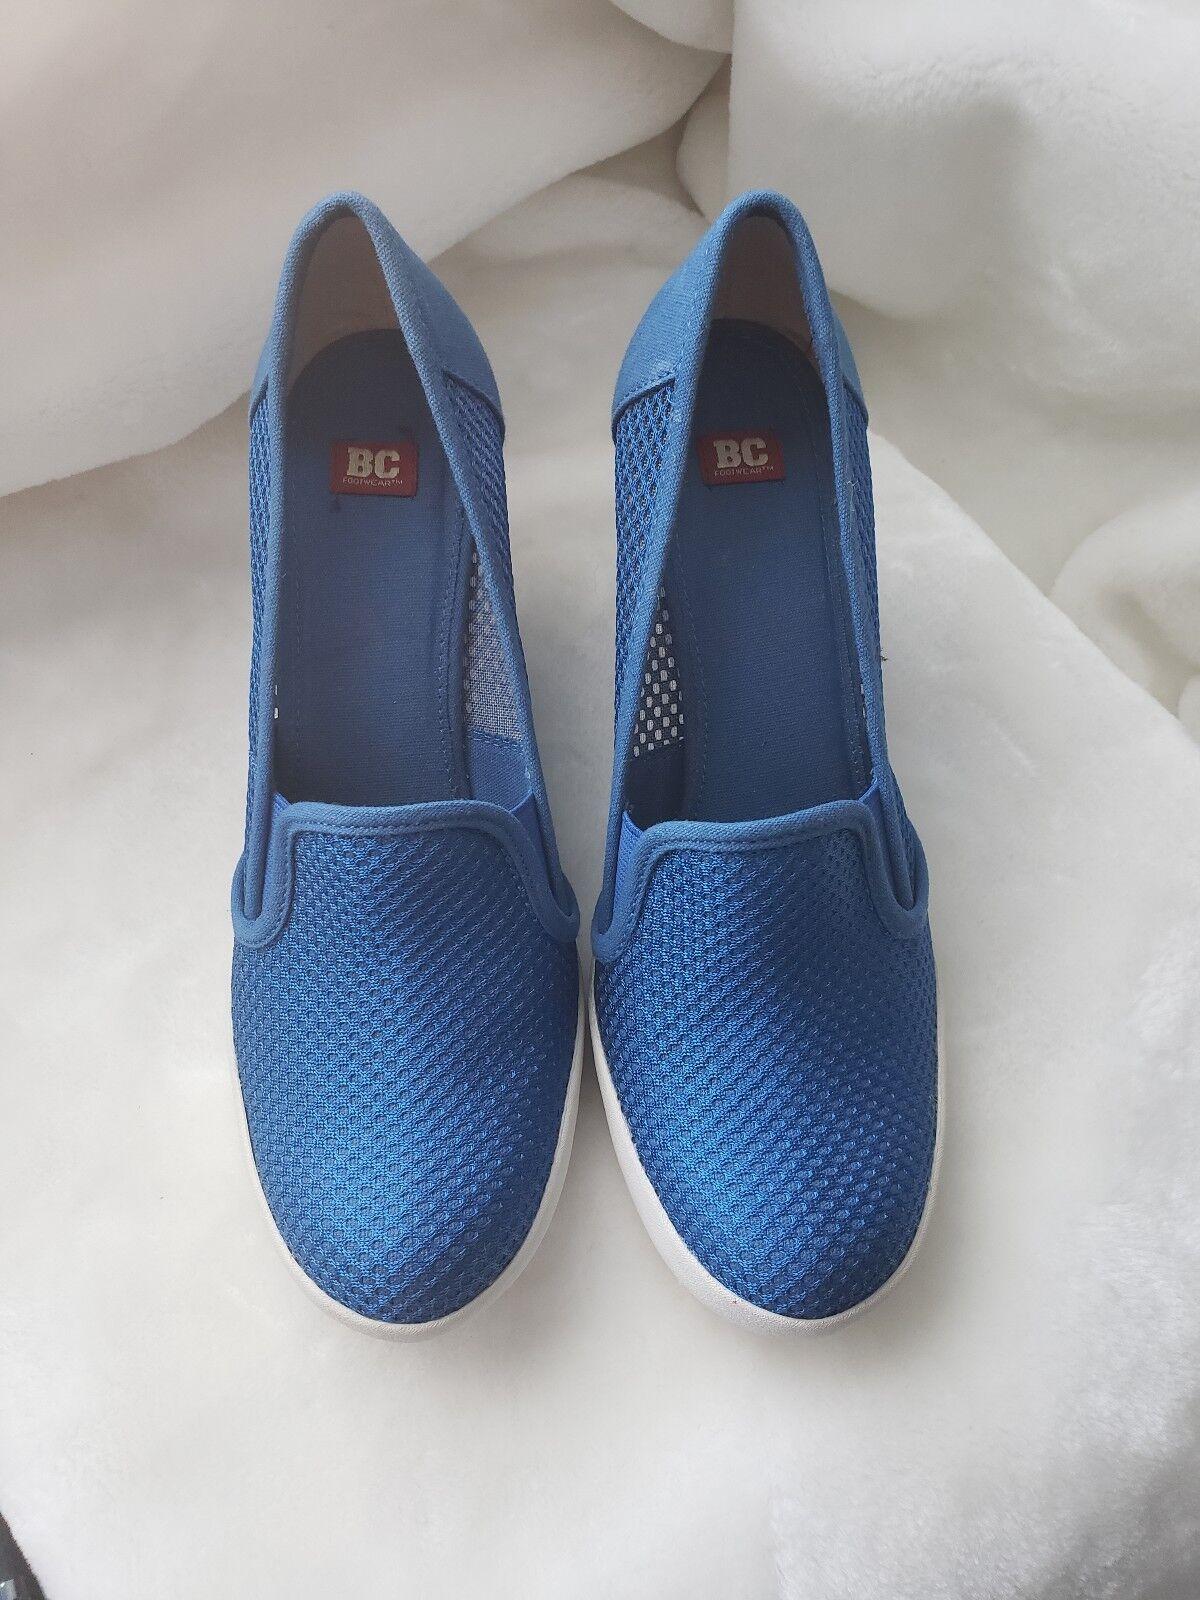 BC Footwear Break The Ice bluee Fashion Wedge Sneaker Sz.8.5M